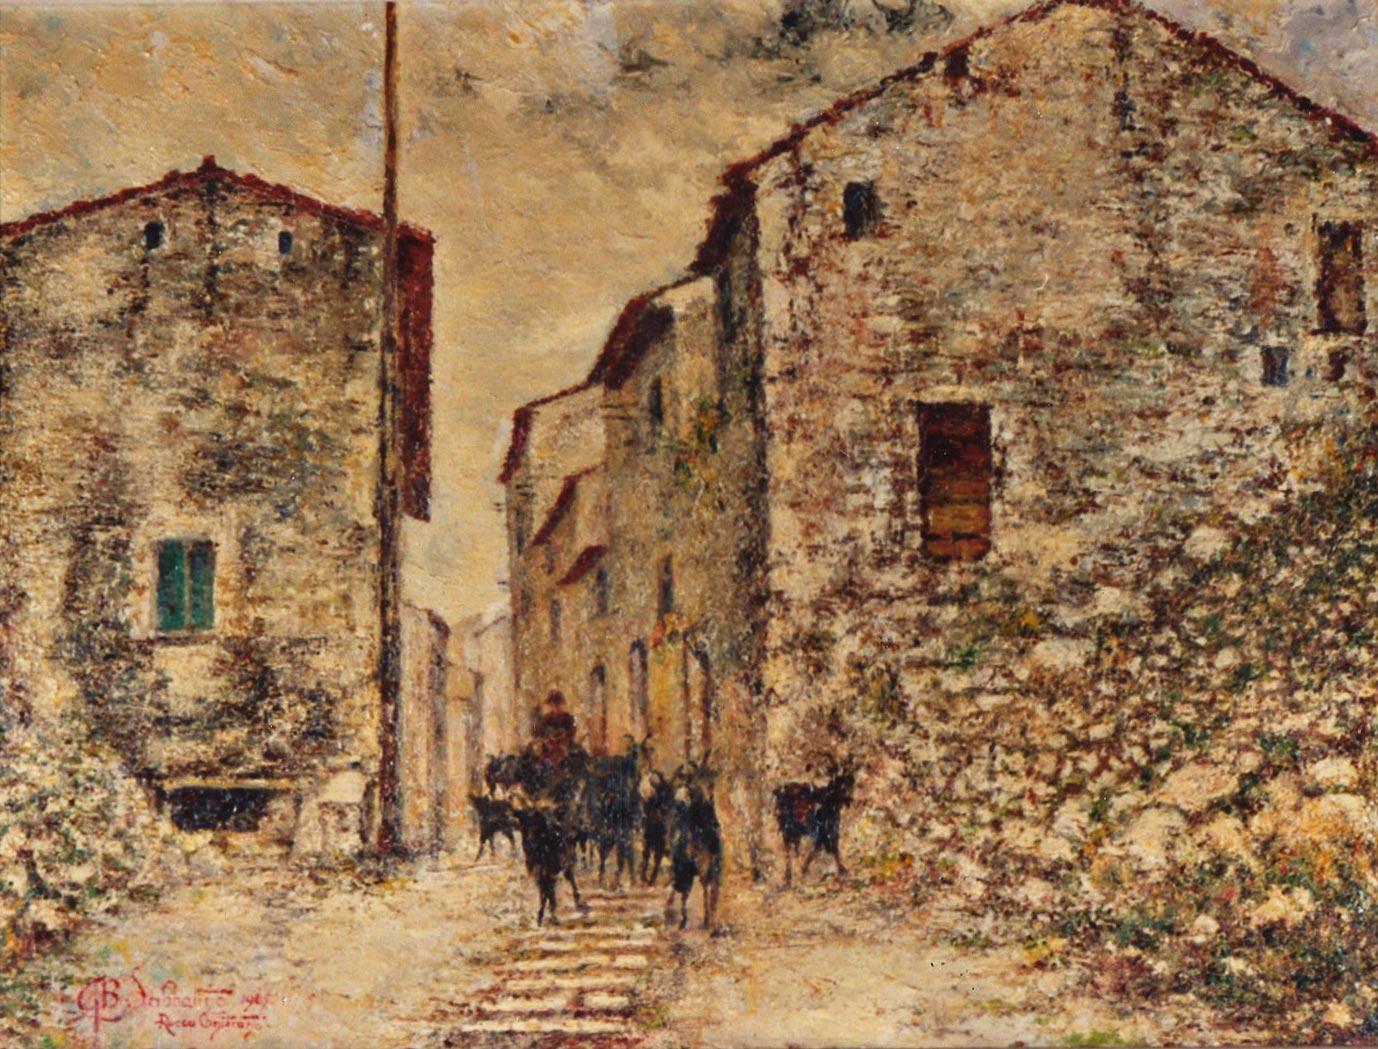 quadri paesaggi Rocca Canterano abruzzo Sabbatino